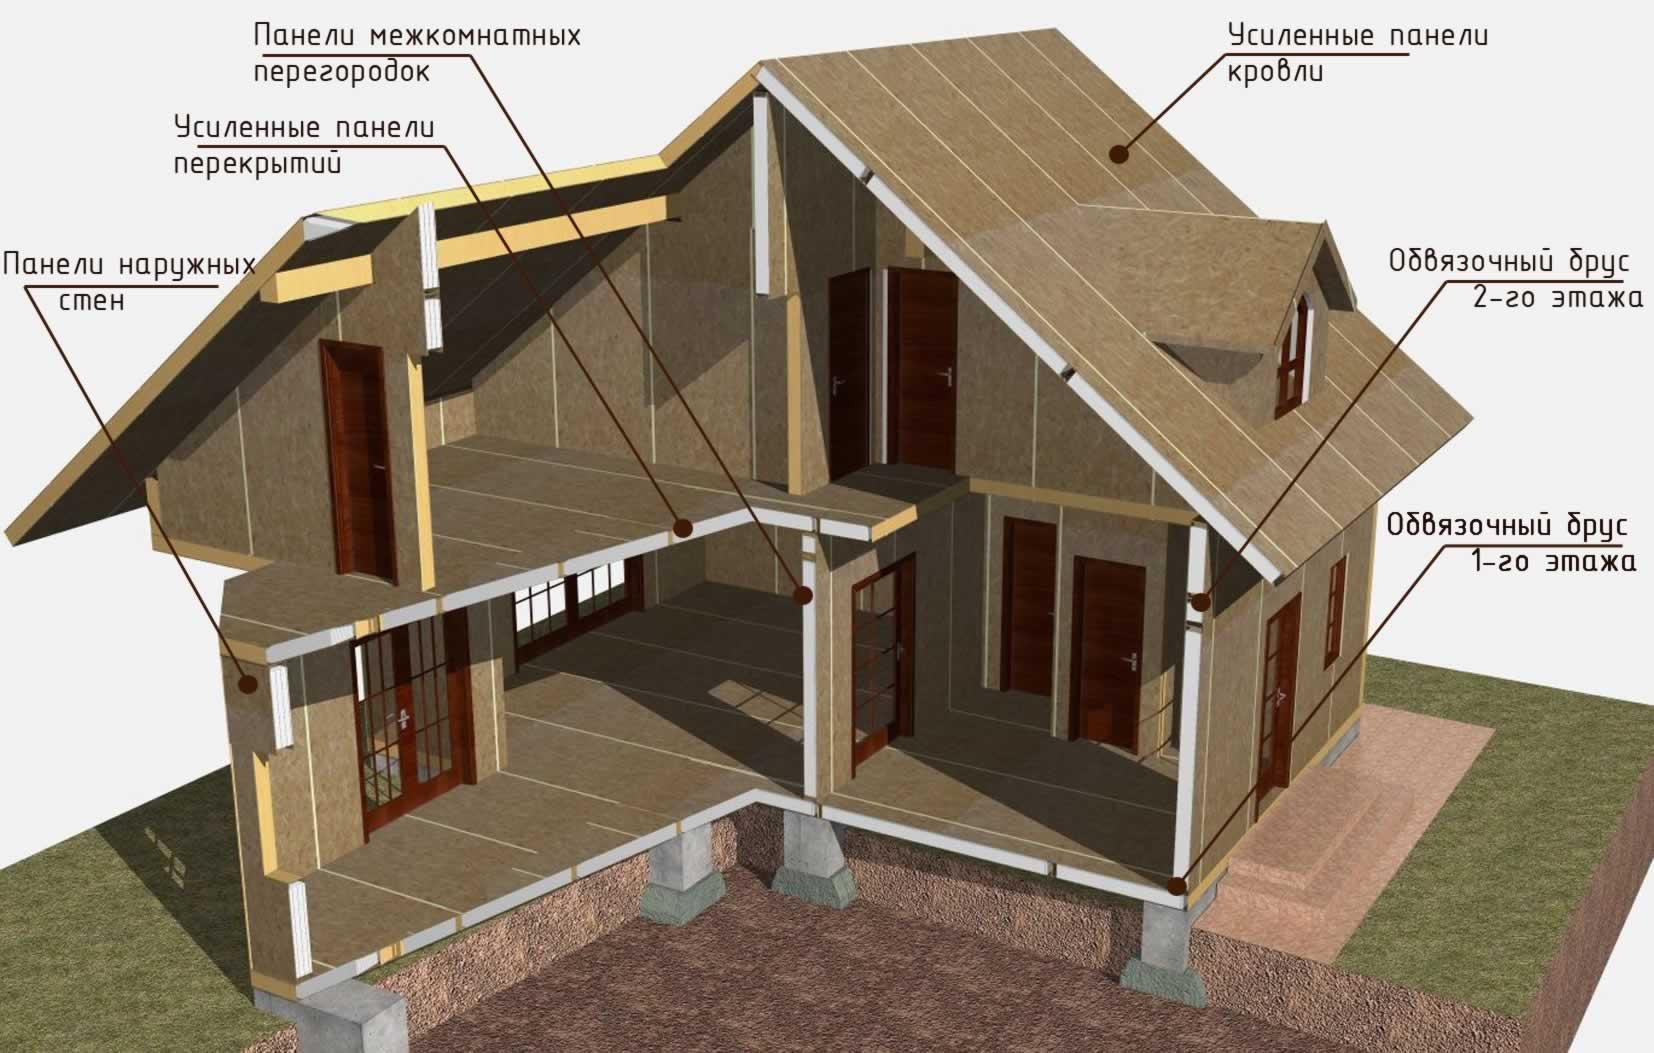 Январь, 2017 строительство домов коттеджей из сип панелей.